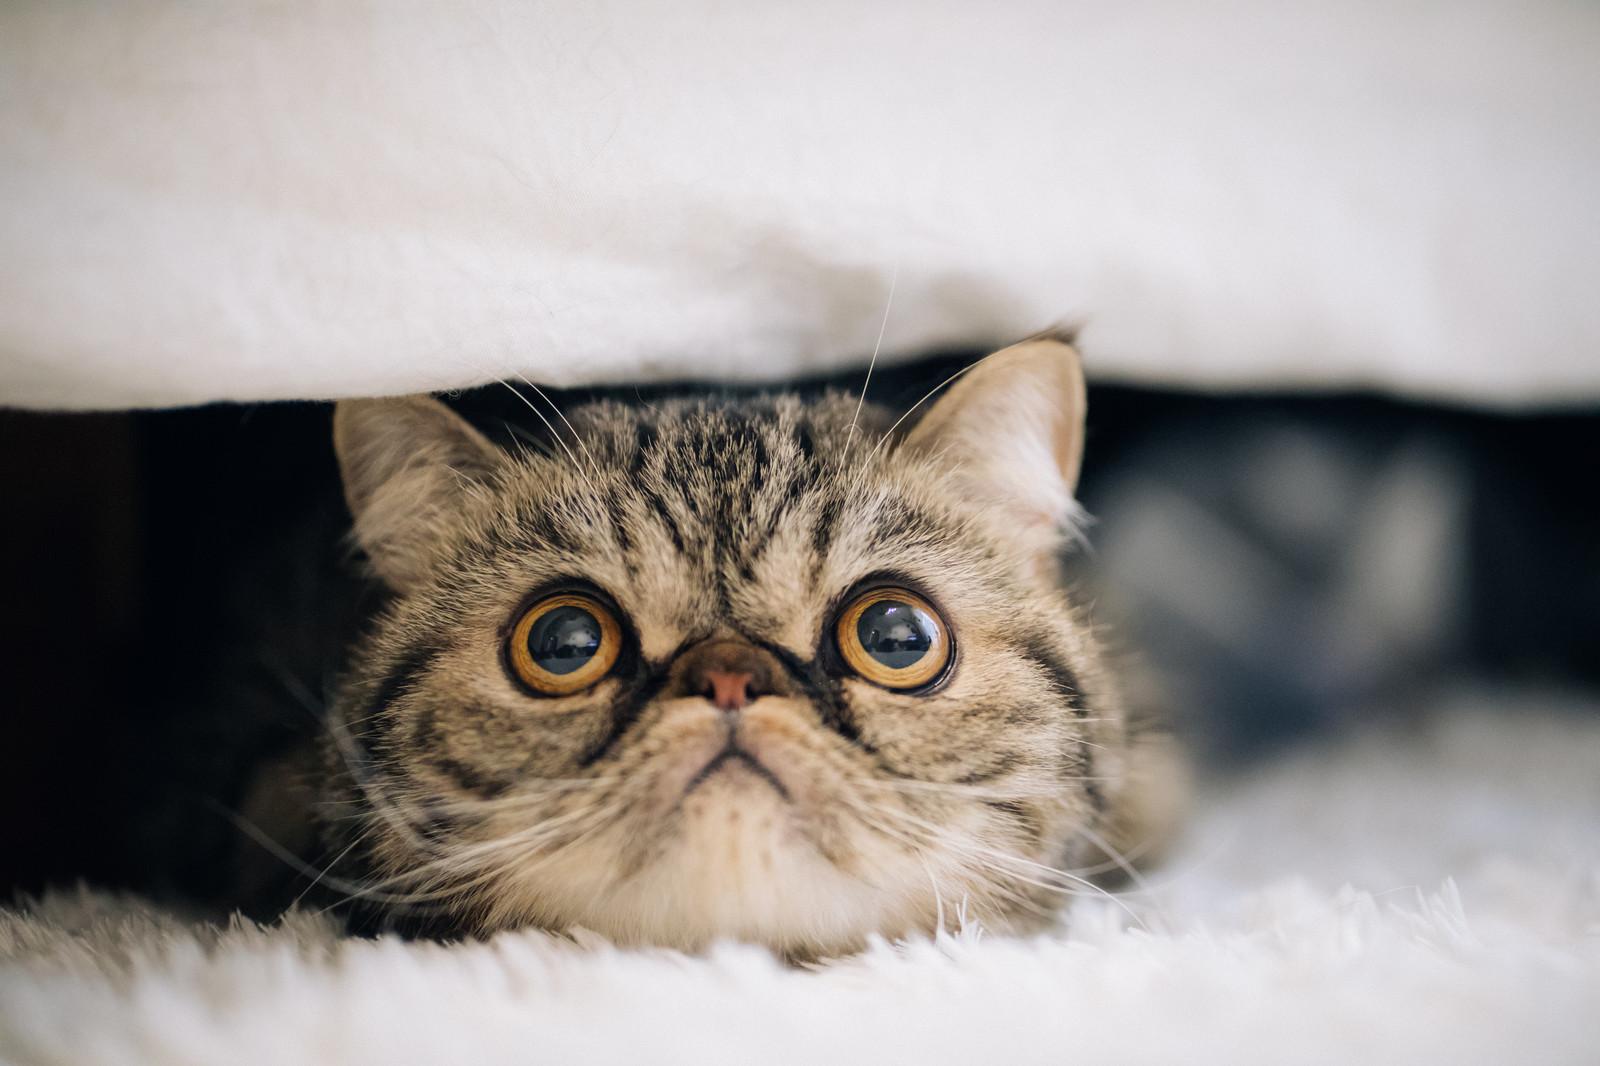 山田孝之 嫁 現在 子供 猫 そっくり 隠し子 画像